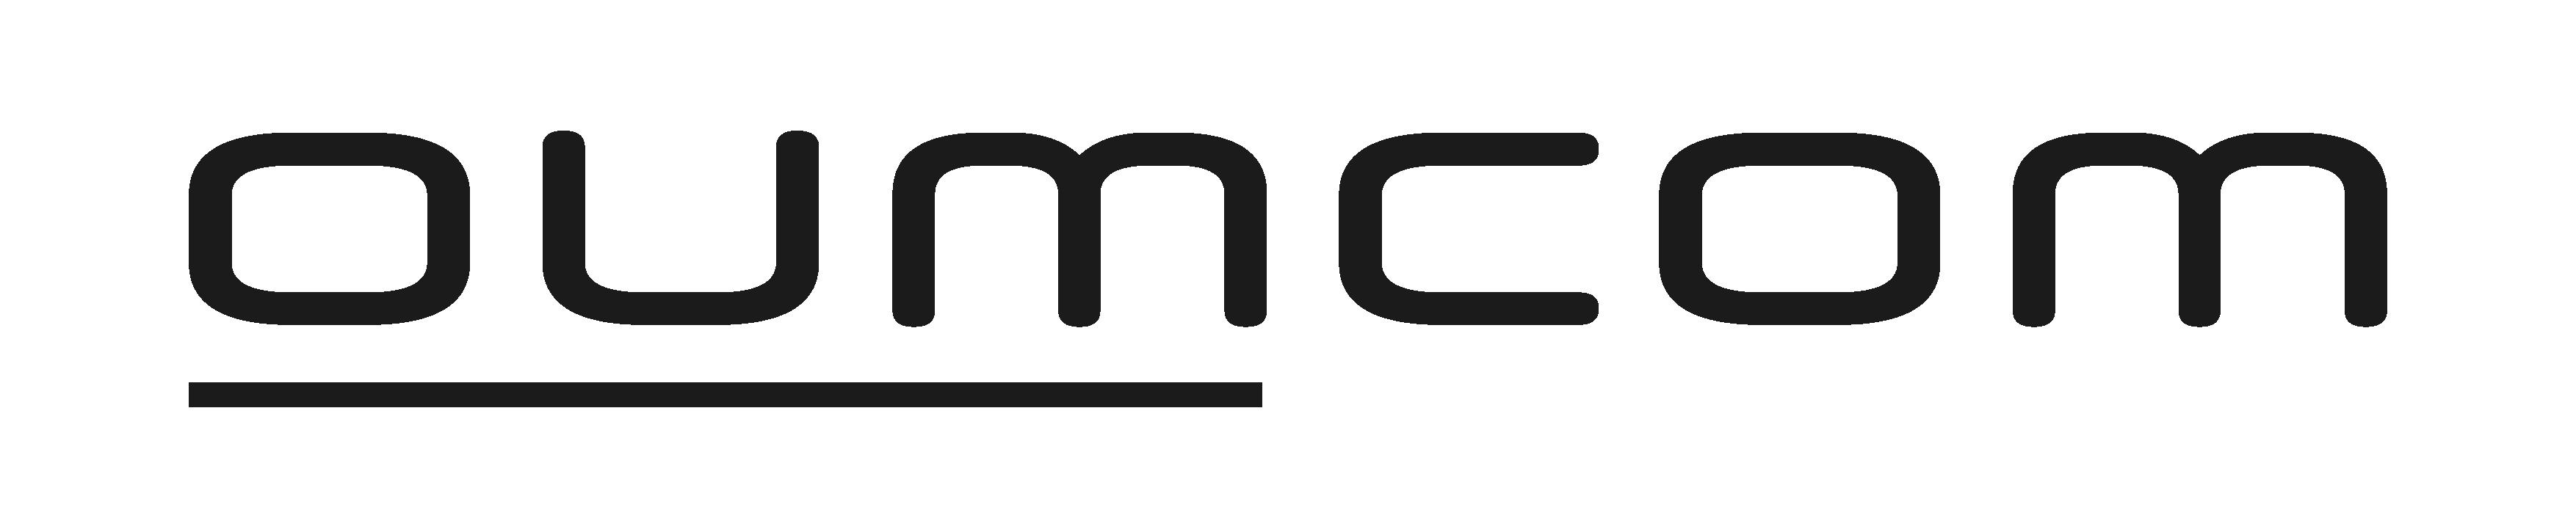 Oumcom